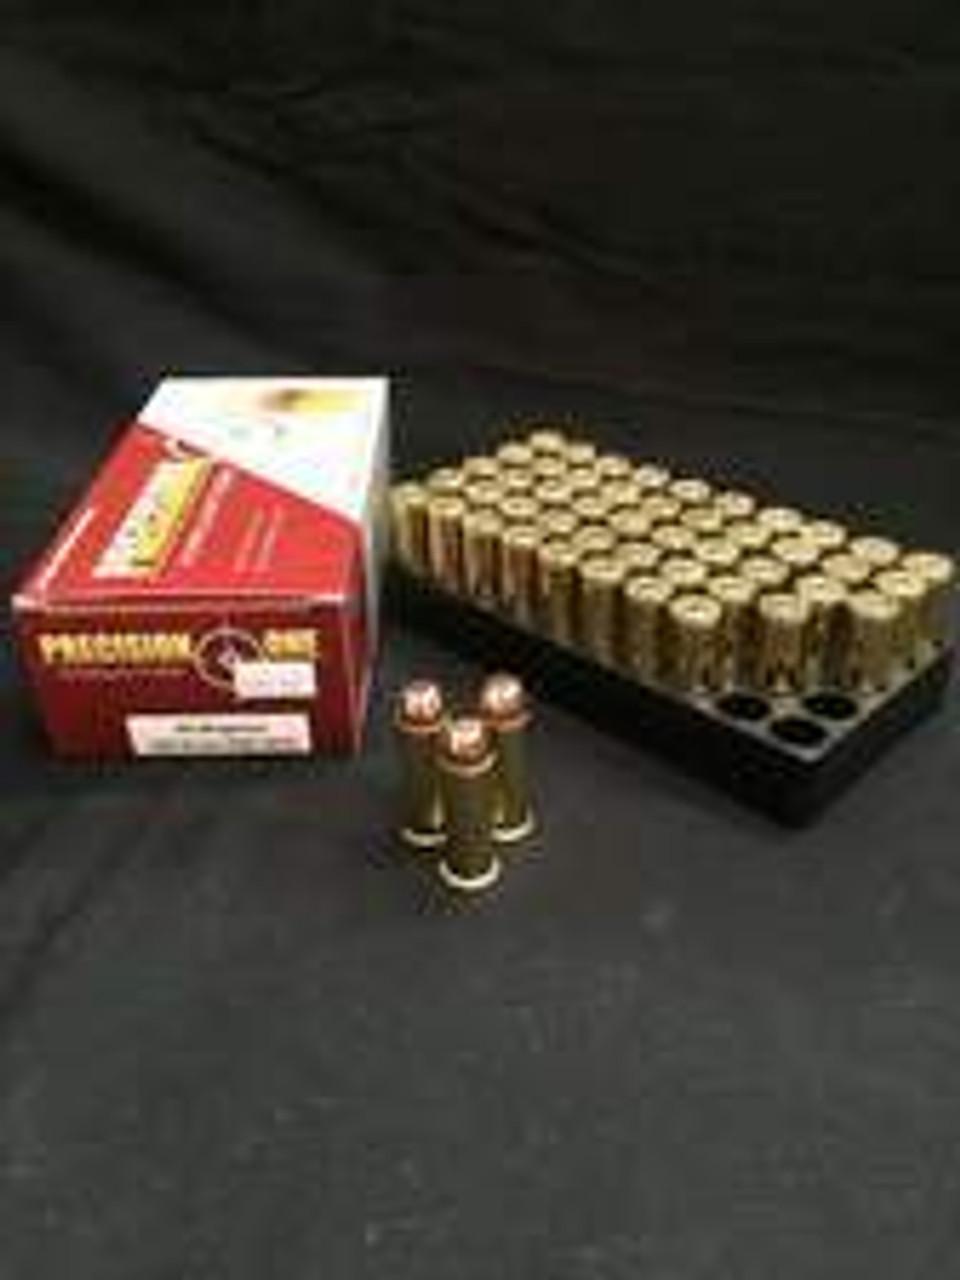 44 Magnum Ammo